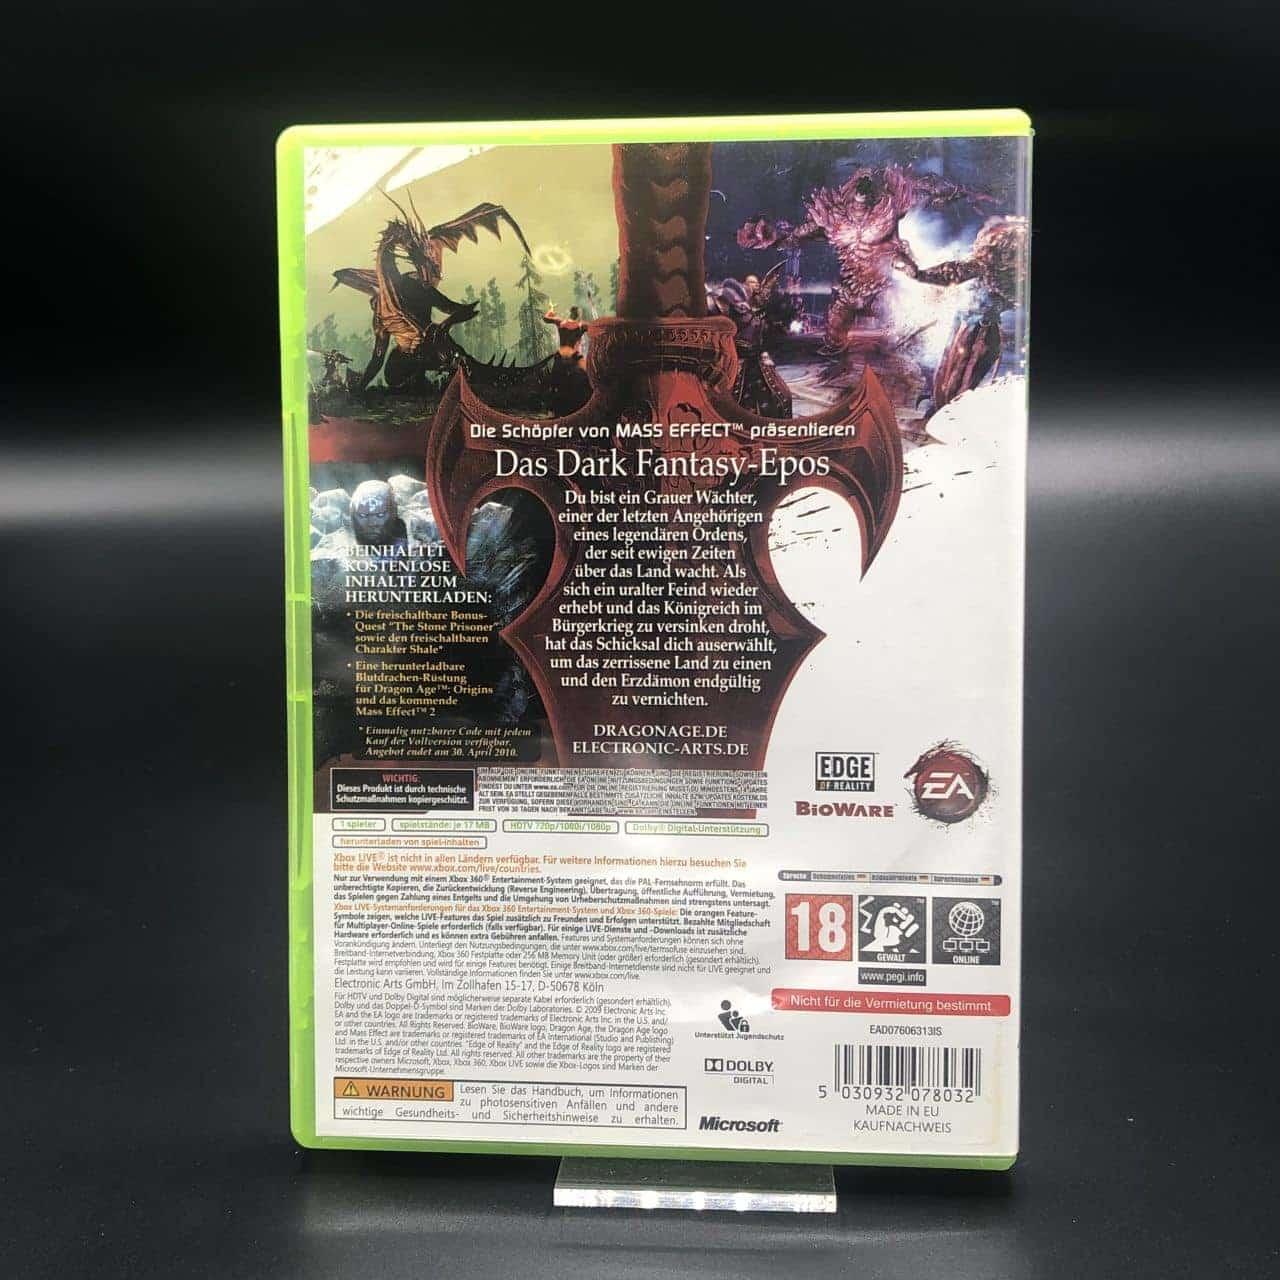 Dragon Age: Origins (Komplett) (Sehr gut) XBOX 360 (FSK18)